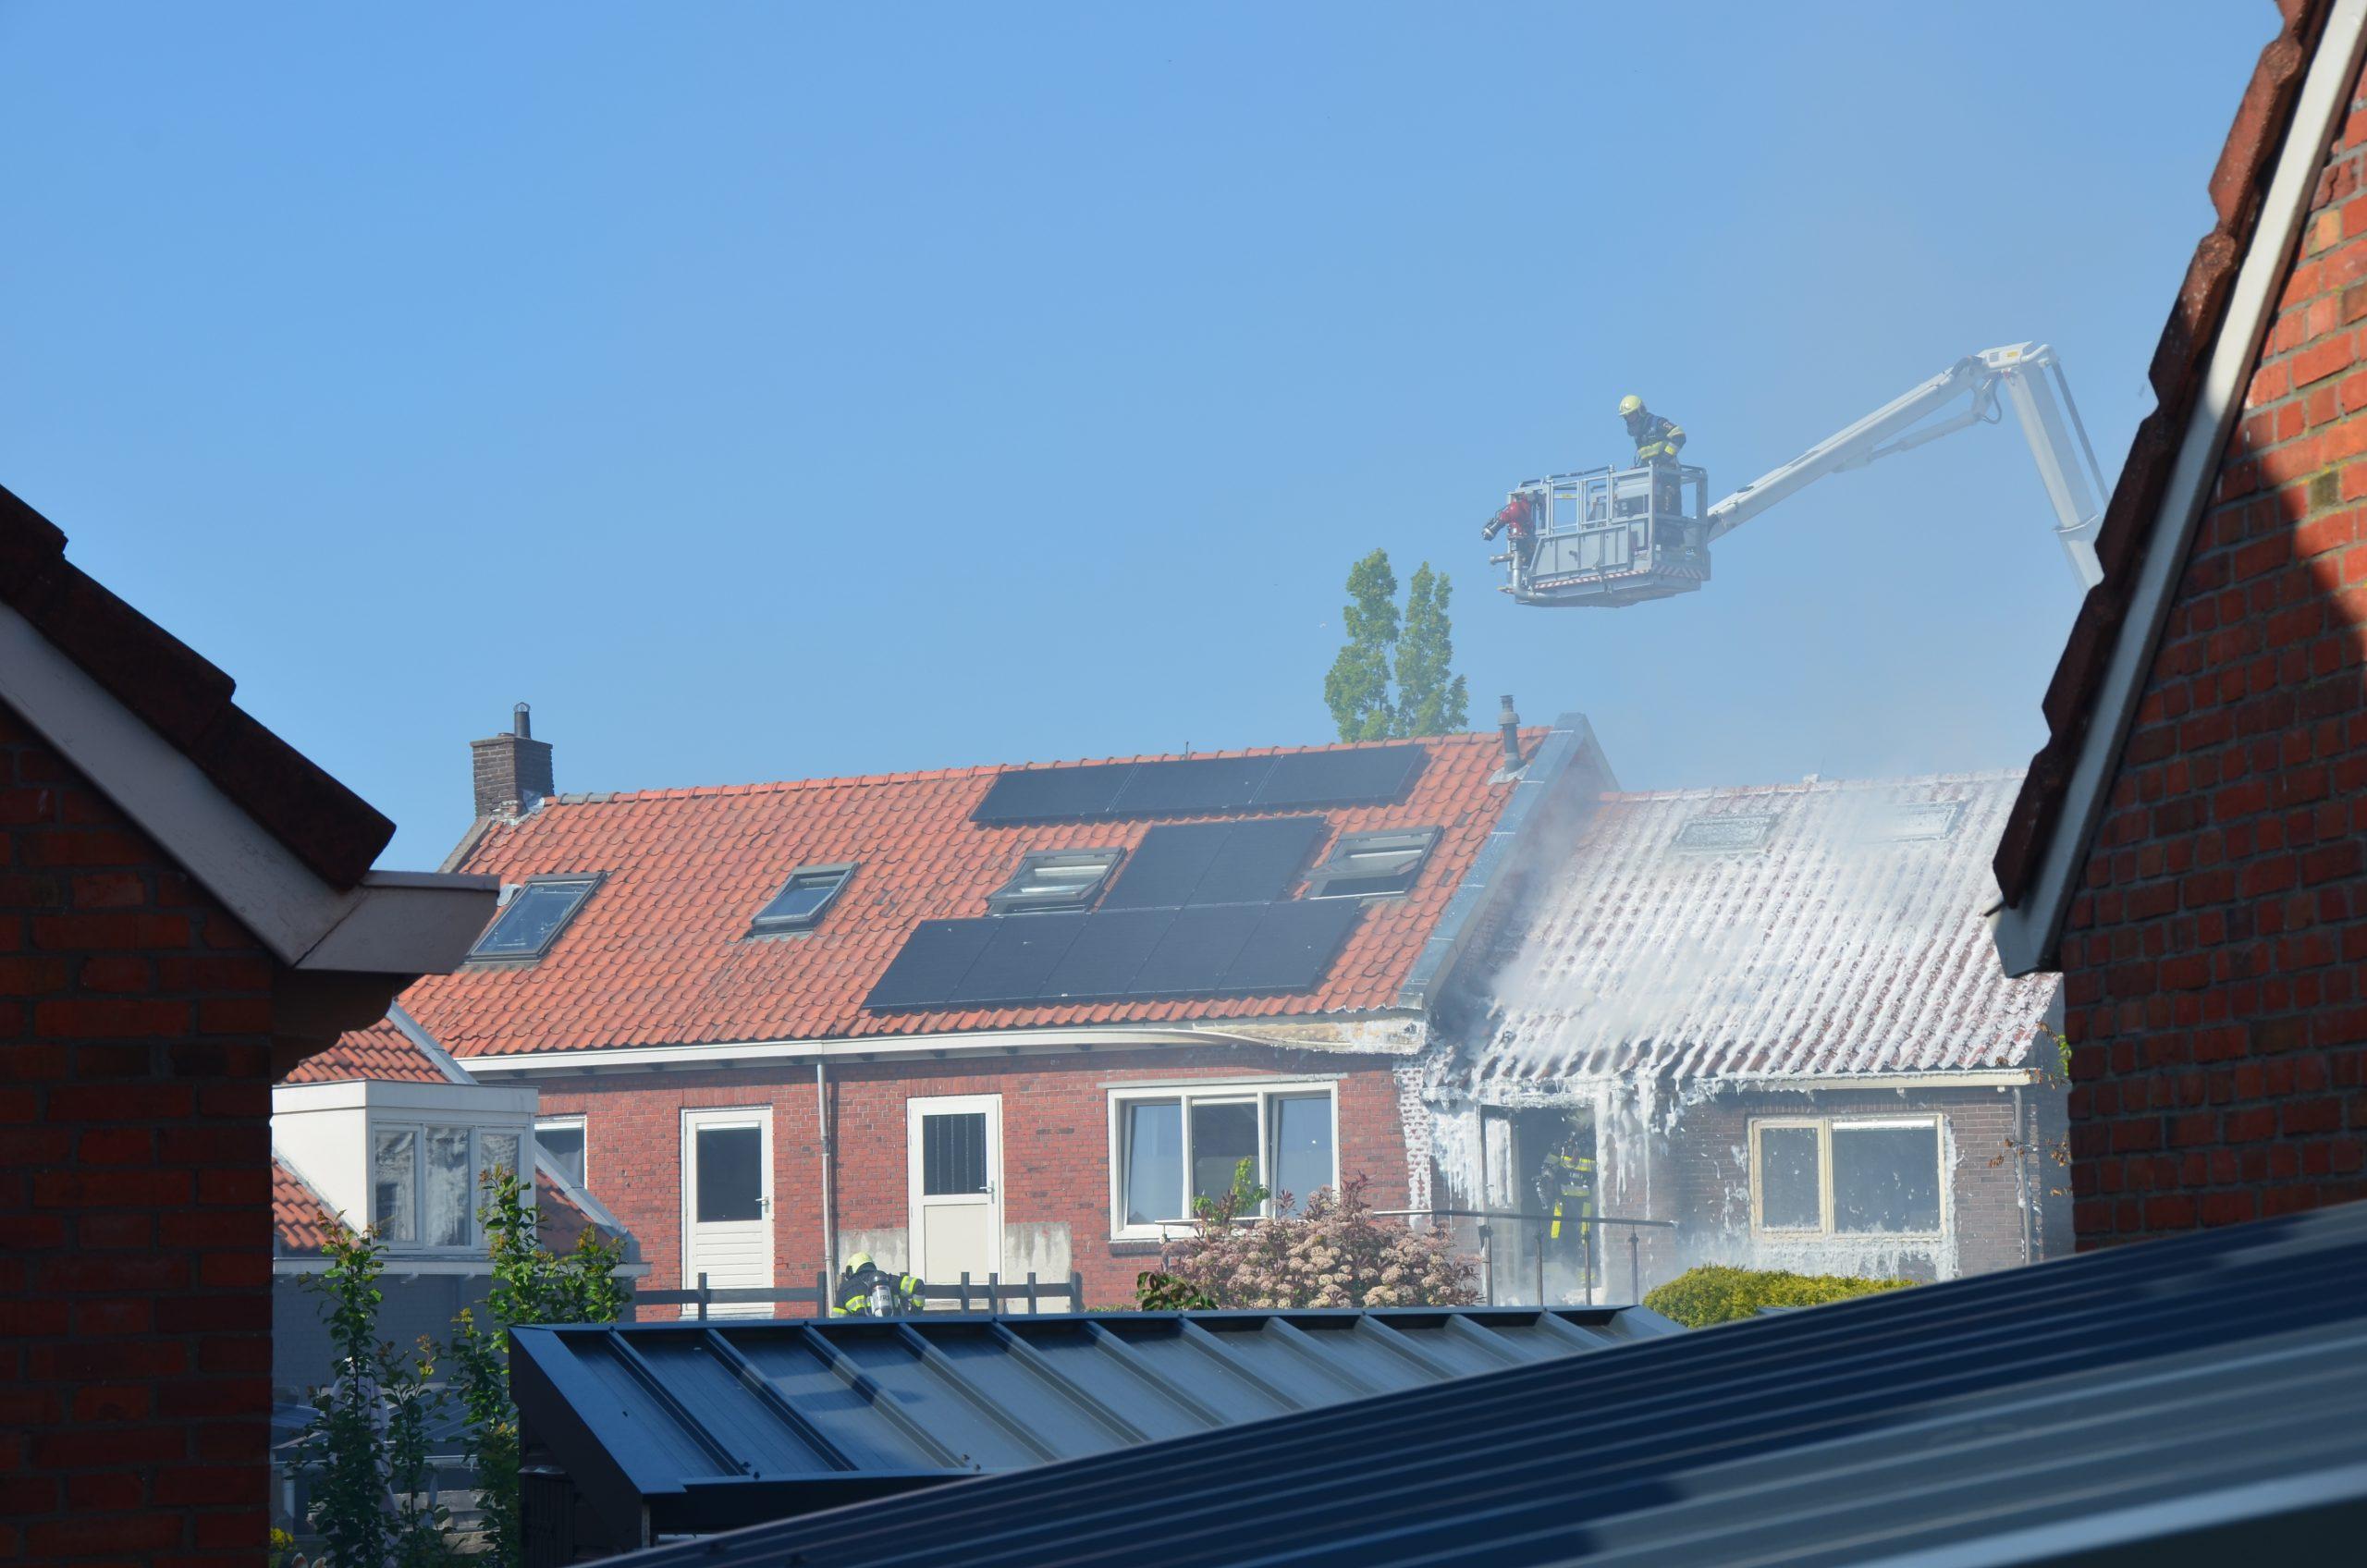 Flinke Rookontwikkeling bij woning brand in Leeuwarden